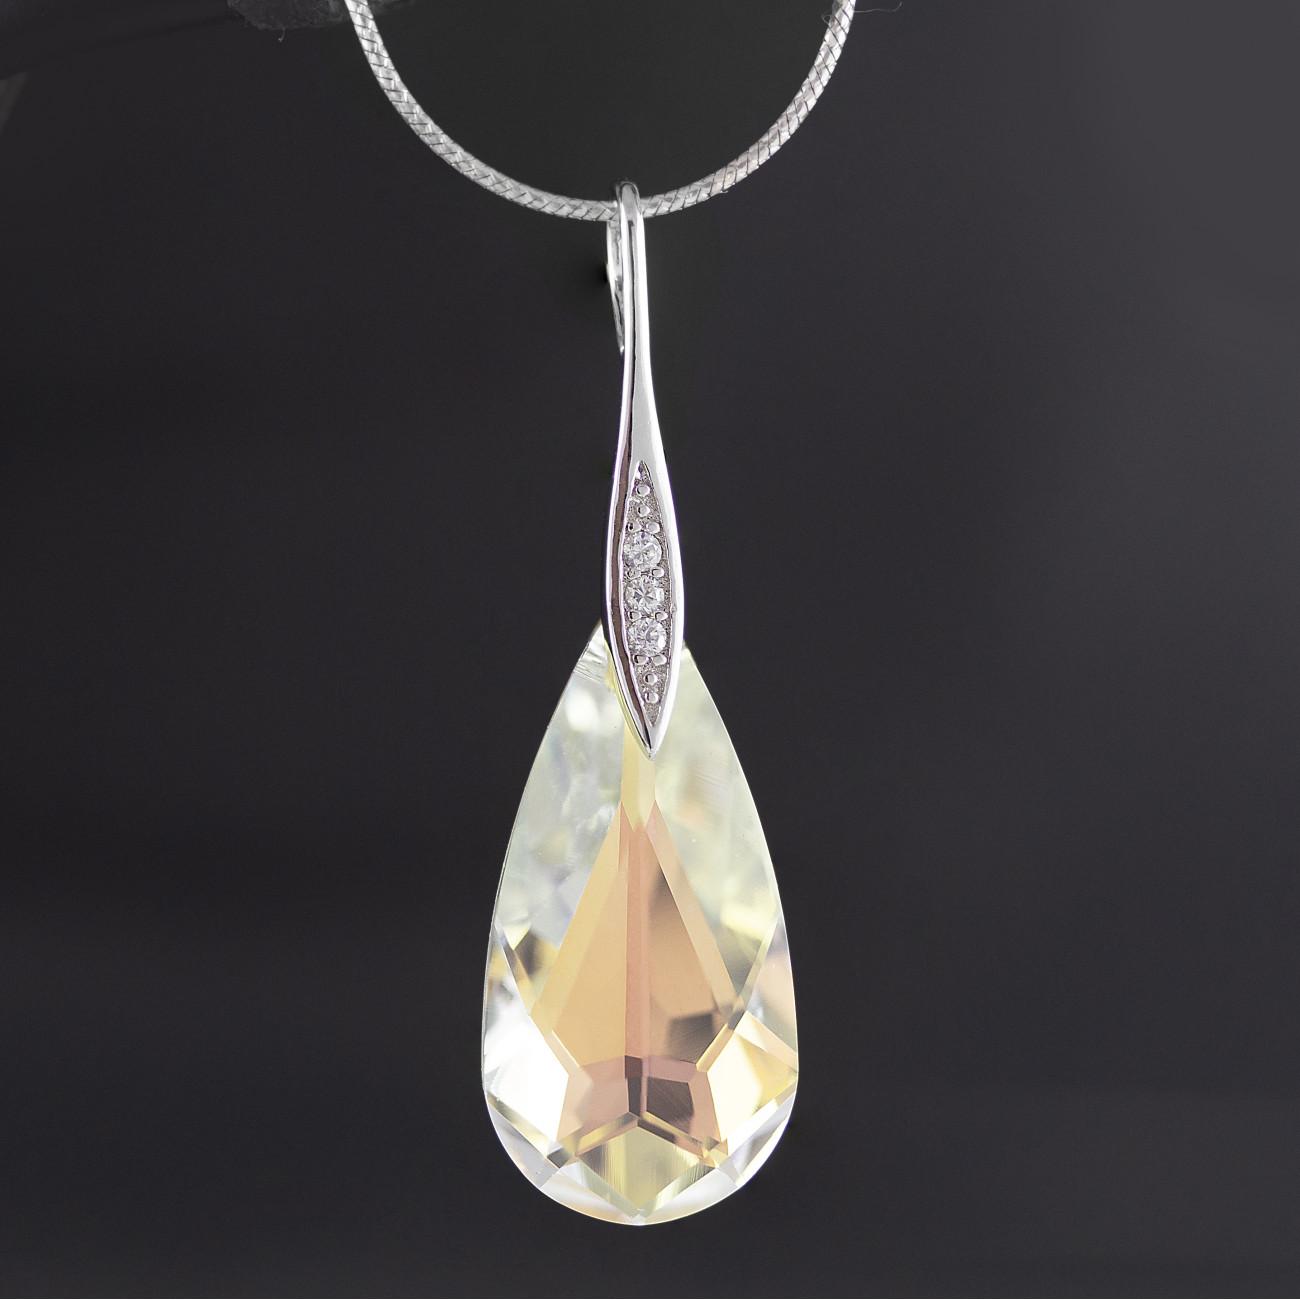 Stříbrný přívěsek s pravým krystalem Swarovski kapka Aurore Boreale